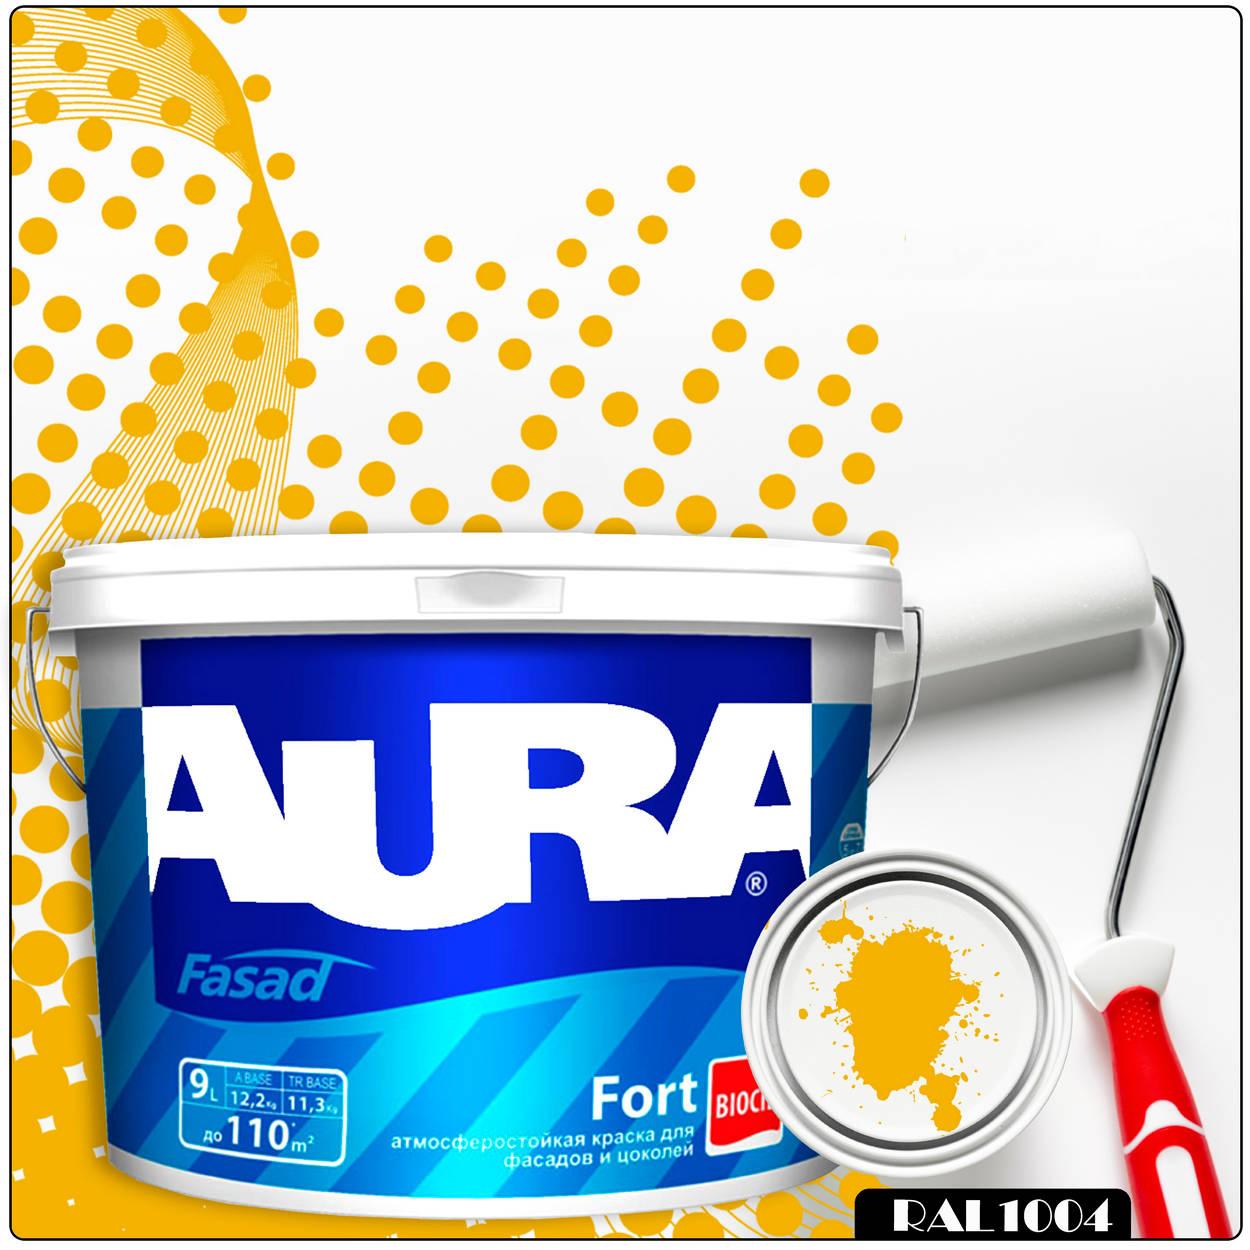 Фото 5 - Краска Aura Fasad Fort, RAL 1004 Жёлто-золотой, латексная, матовая, для фасада и цоколей, 9л, Аура.